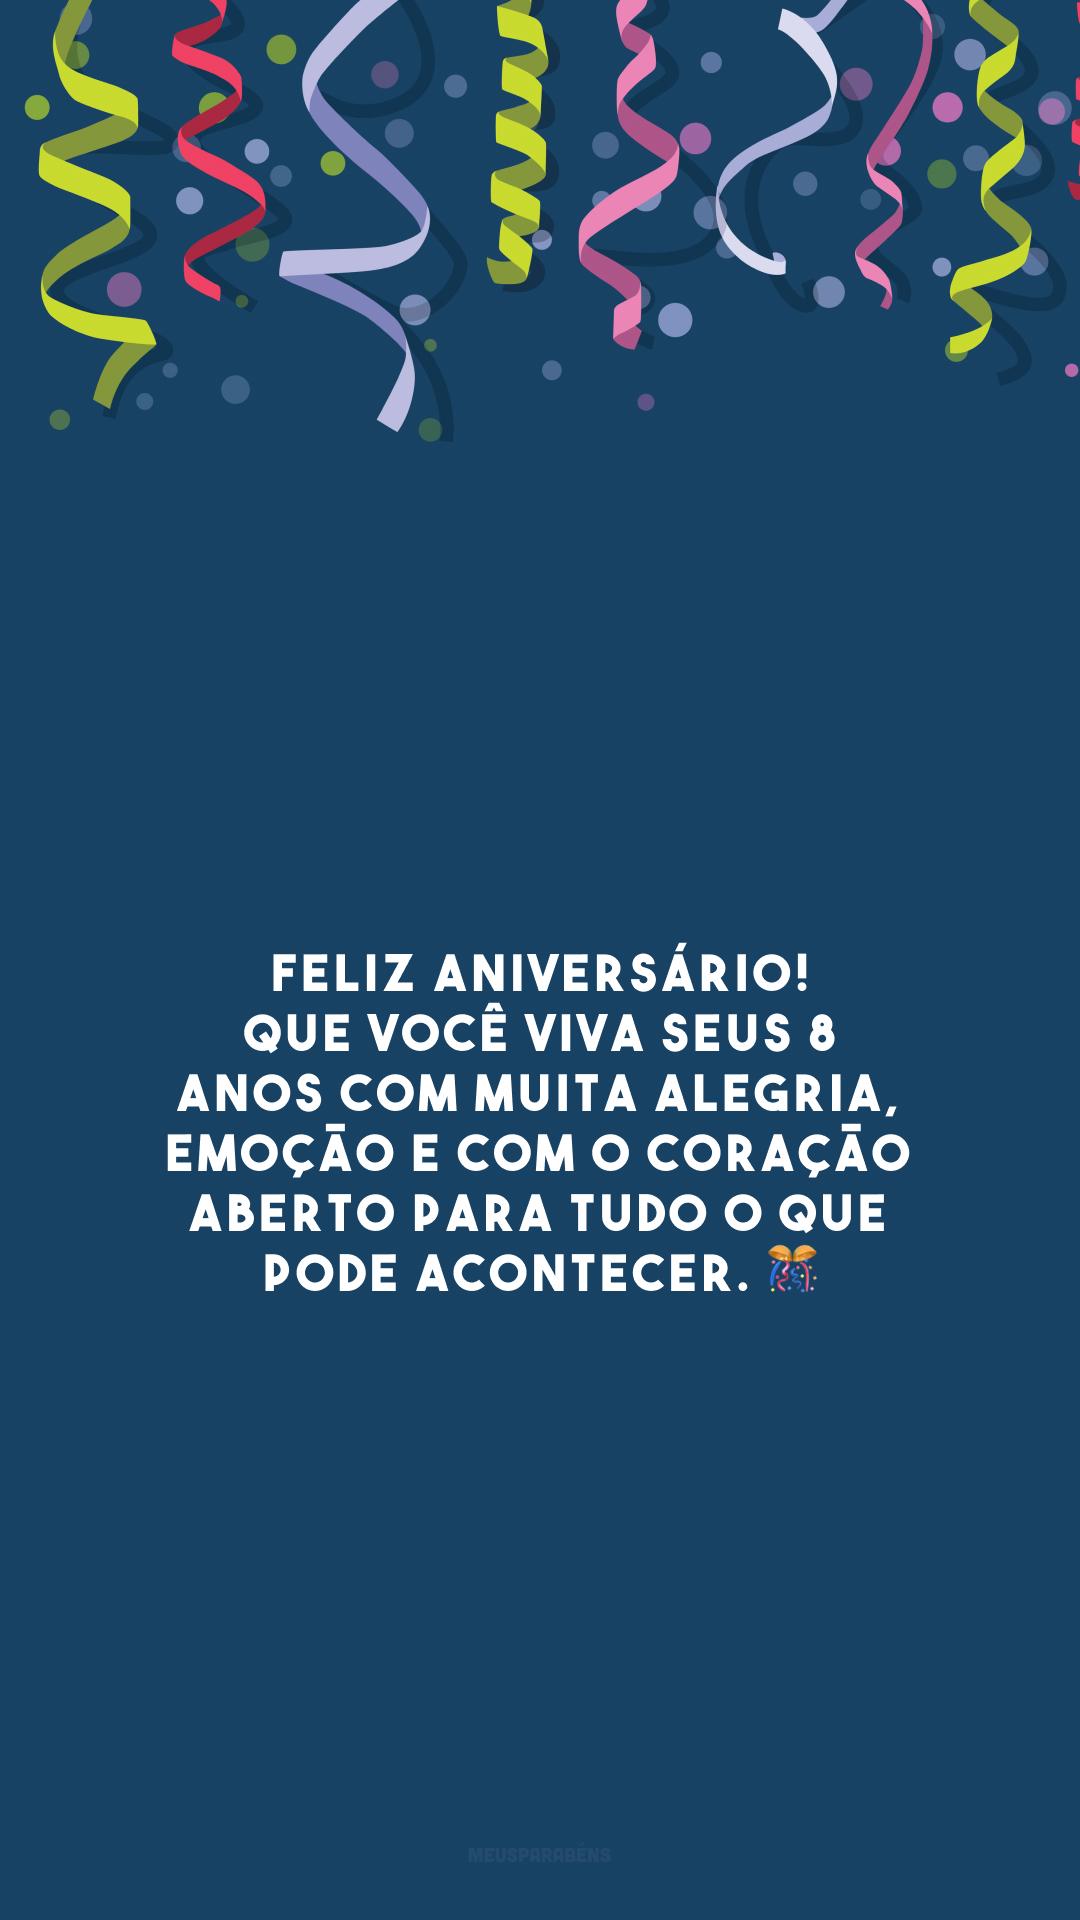 Feliz aniversário! Que você viva seus 8 anos com muita alegria, emoção e com o coração aberto para tudo o que pode acontecer. 🎊